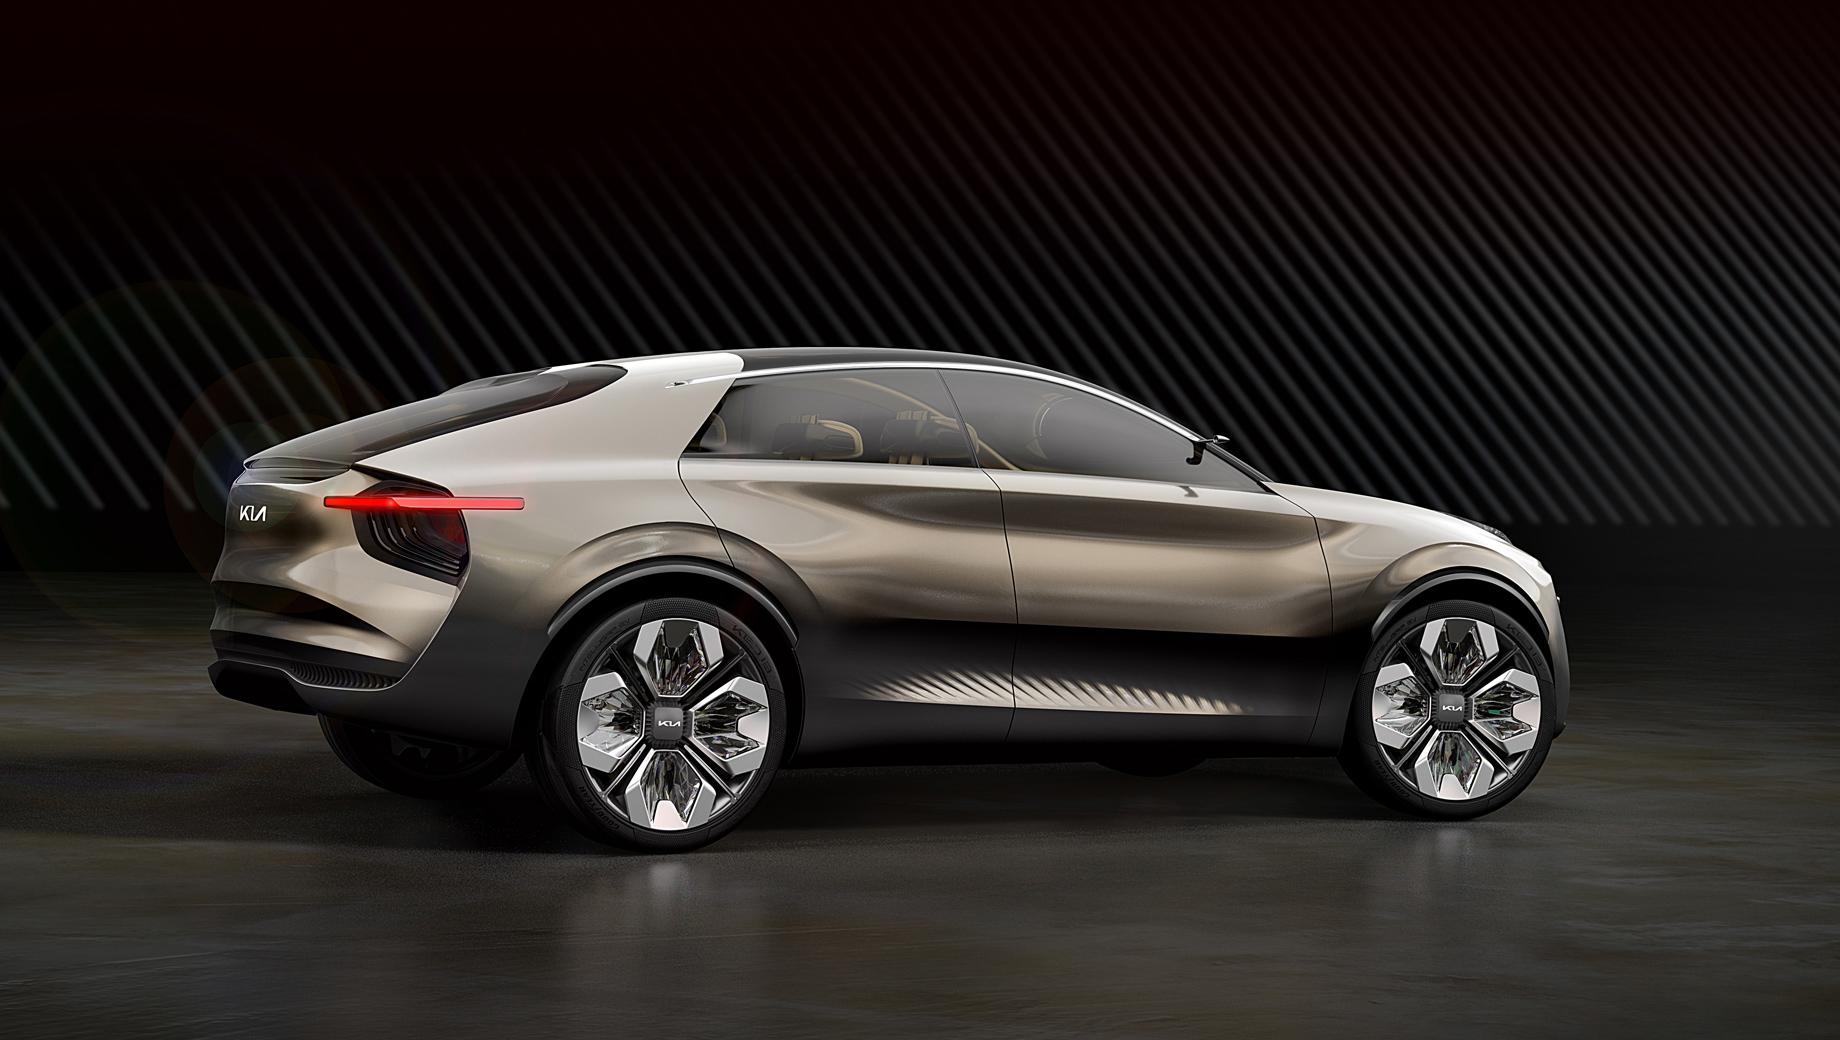 Kia cv. Концепт Imagine by Kia, по официальным разъяснениям, не предвещал конкретную модель, но очерчивал стиль всех будущих электрических легковушек бренда.